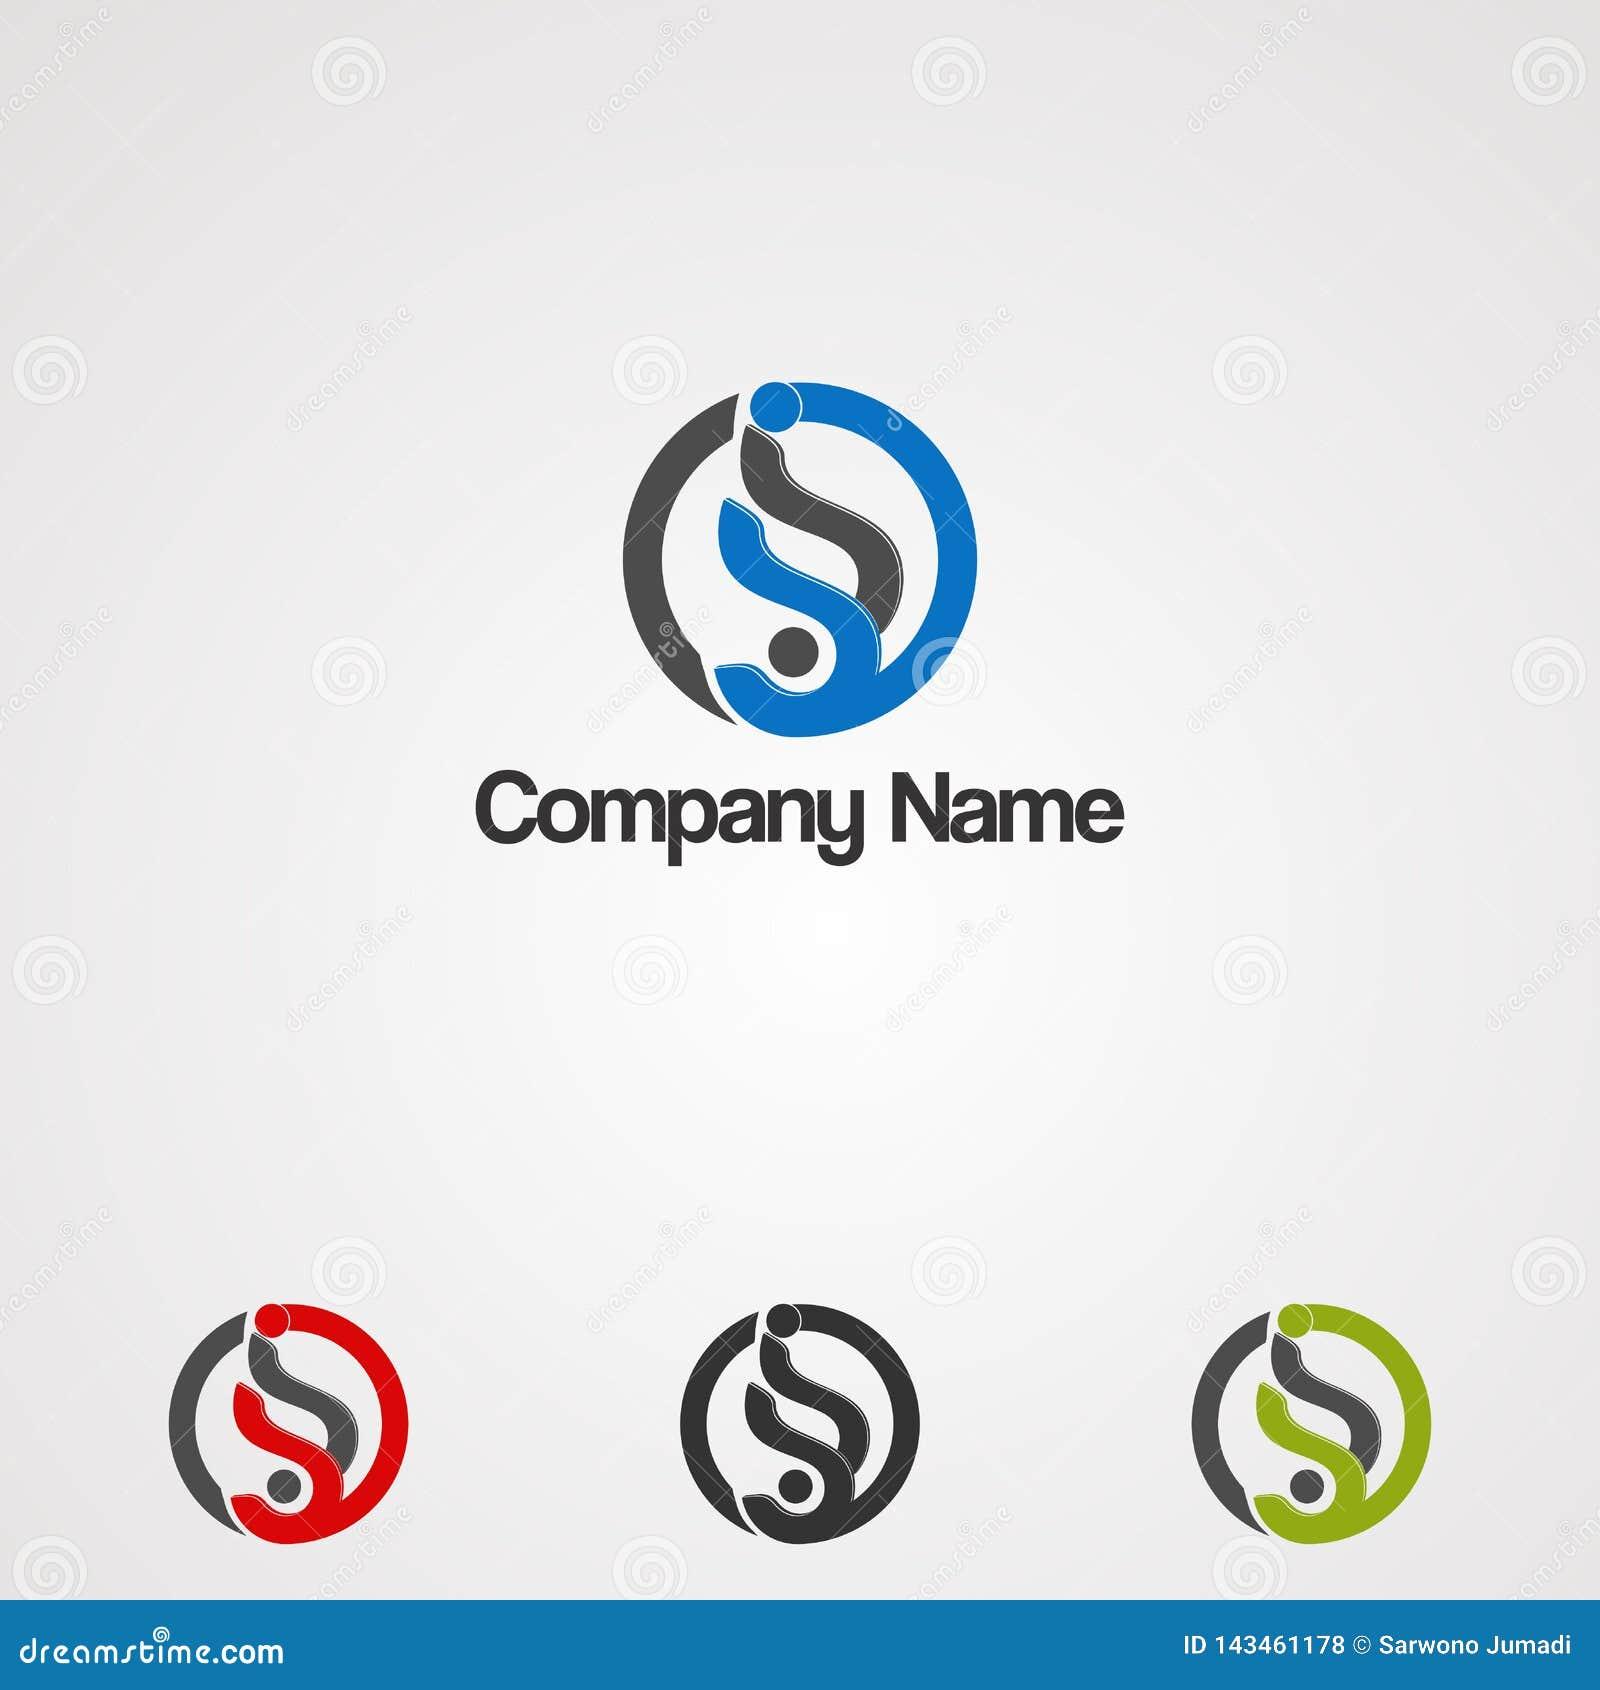 圈子与字母S概念商标传染媒介、象、元素和模板的能量商标公司的